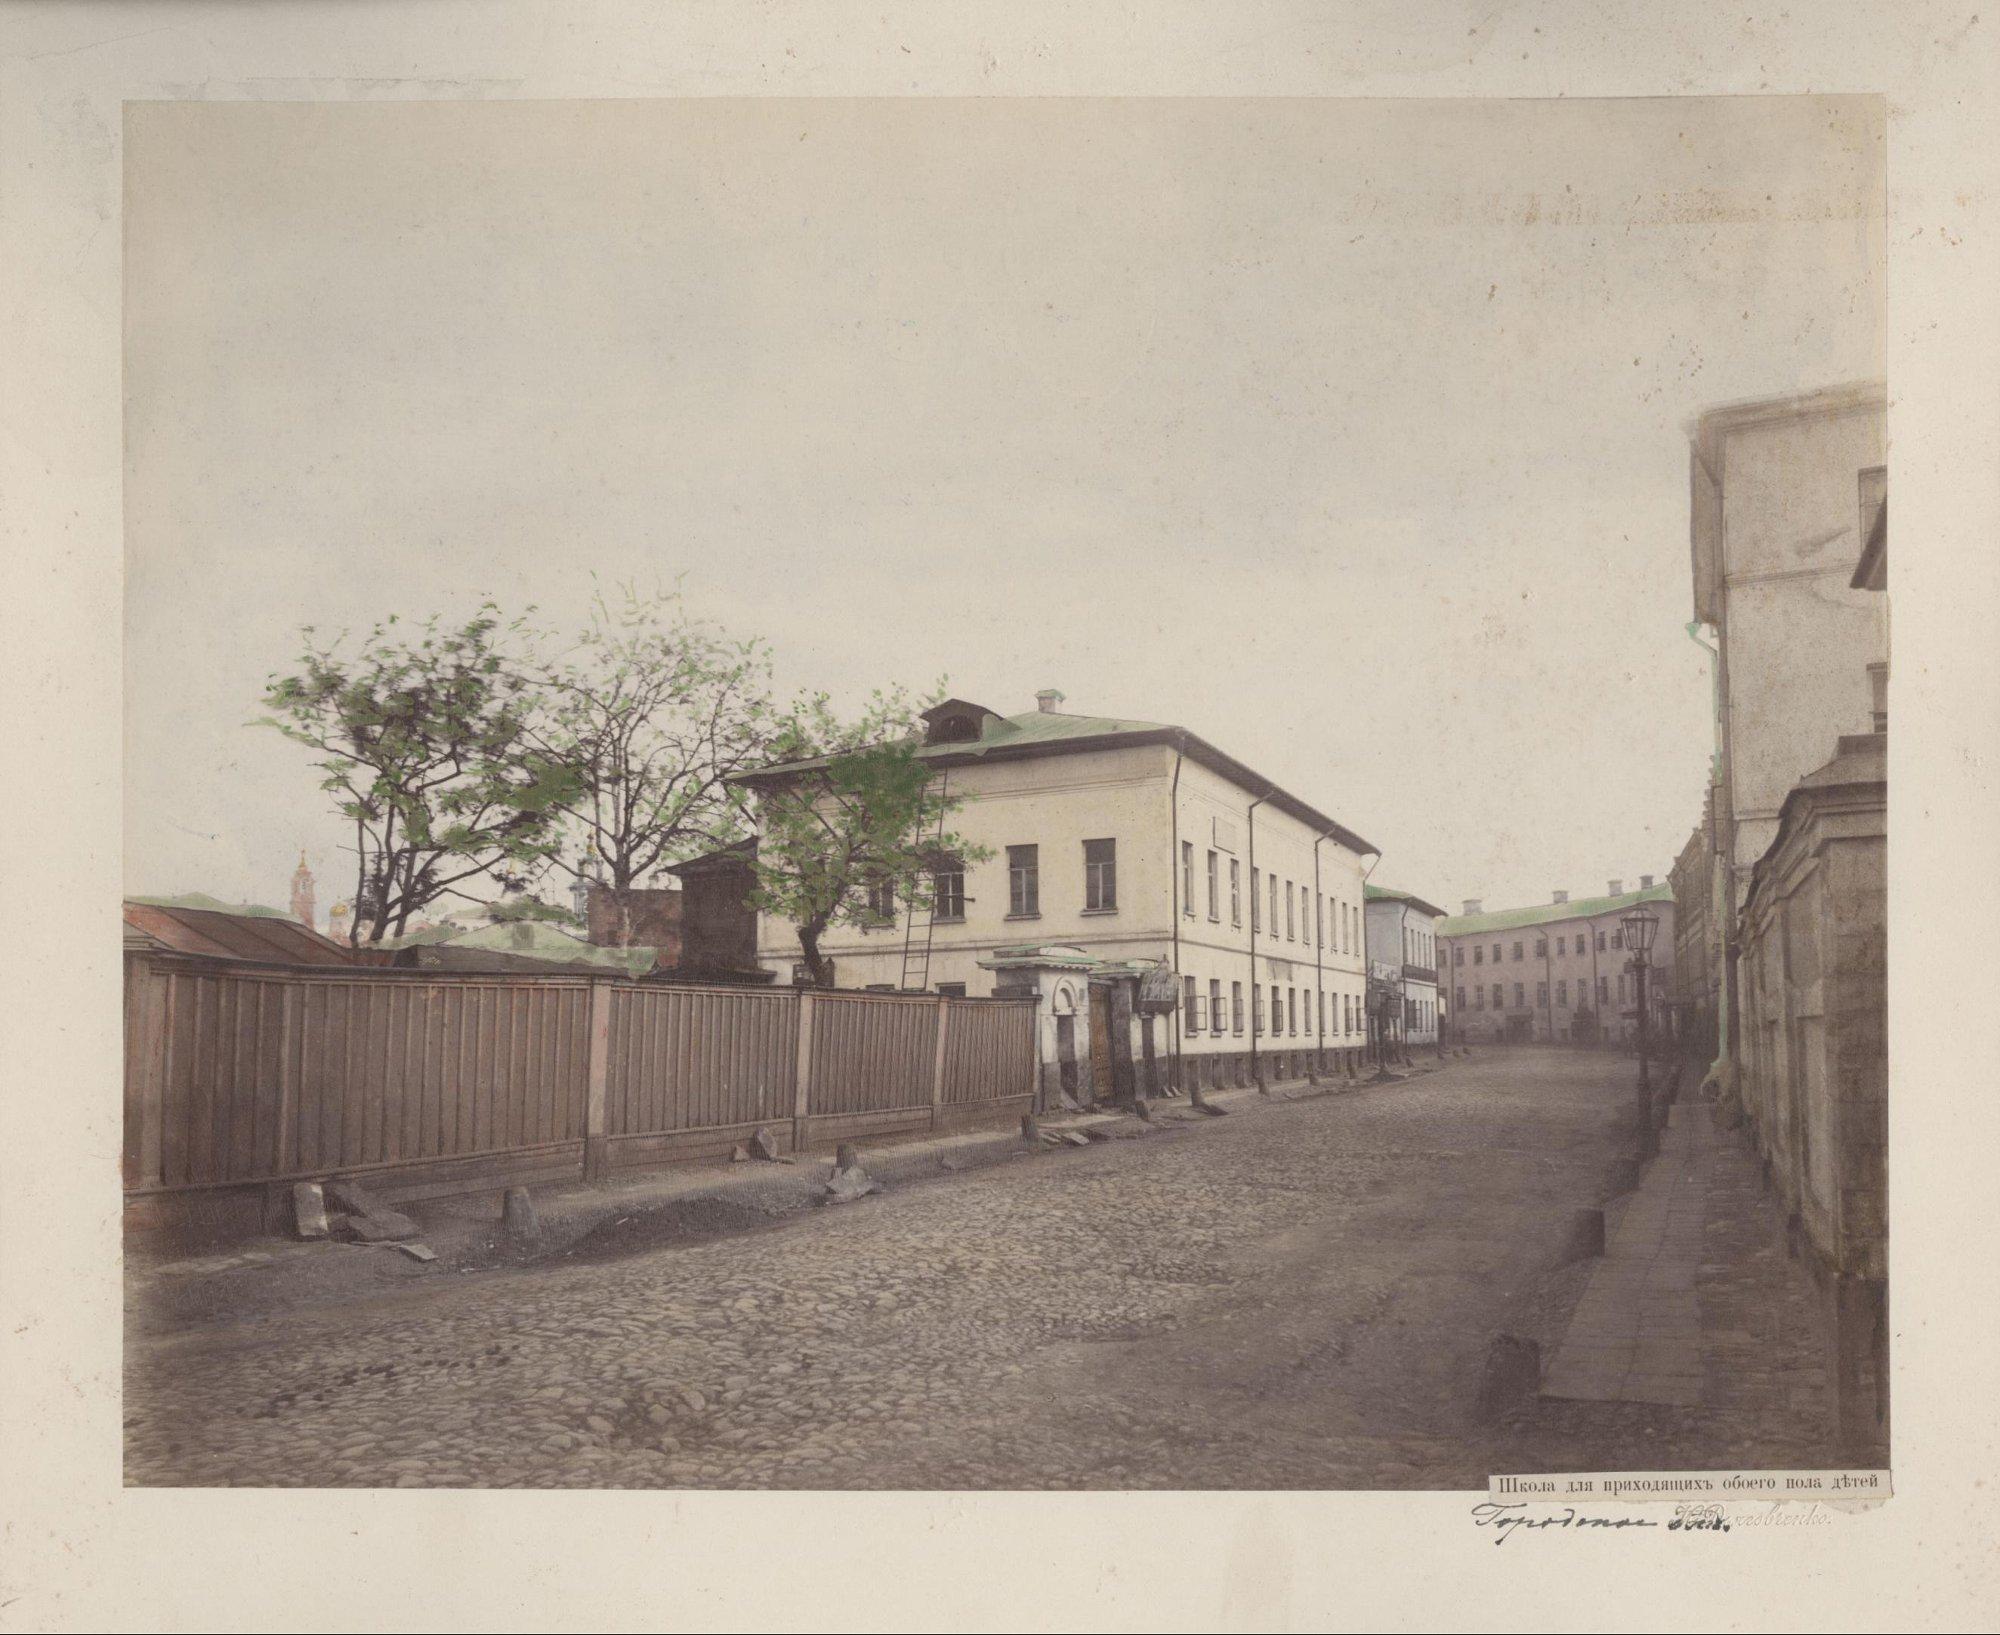 Городское отделение Дамского попечительства о бедных - школа для приходящих детей. Донская улица. 1882